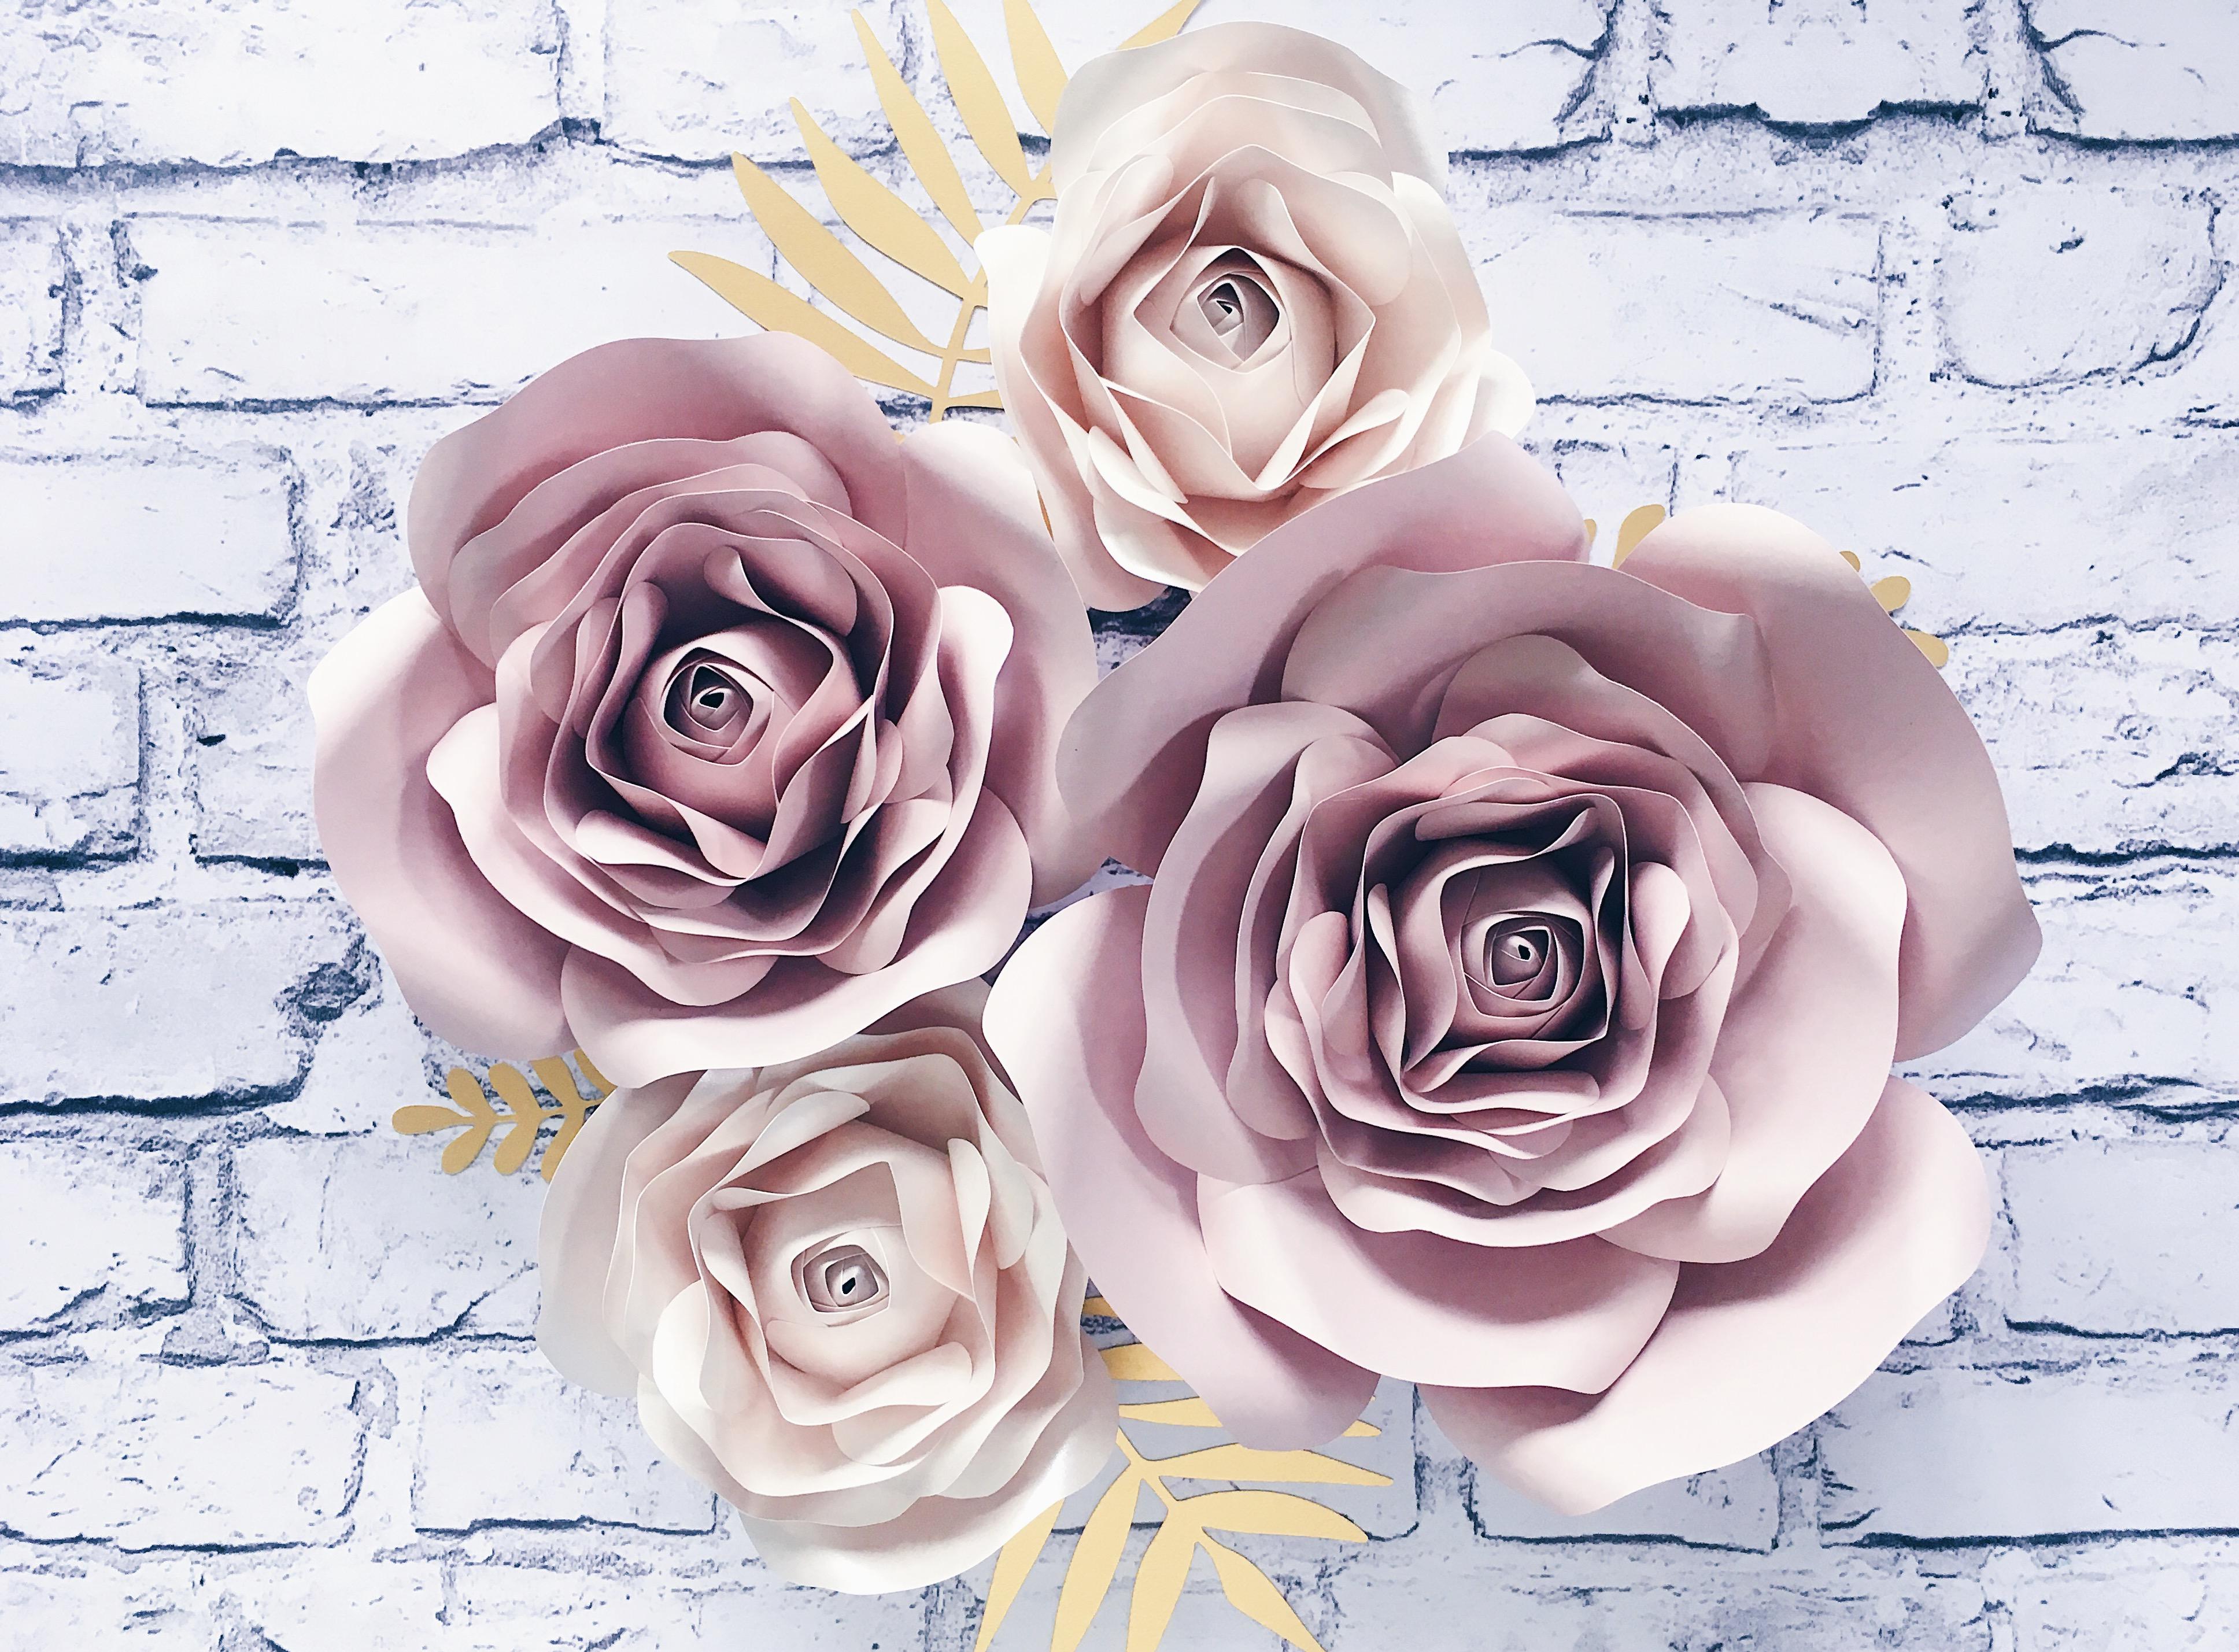 duża i średnia: matowy nude, małe róże: delikatnie metalizowany perłowy oraz złote listki